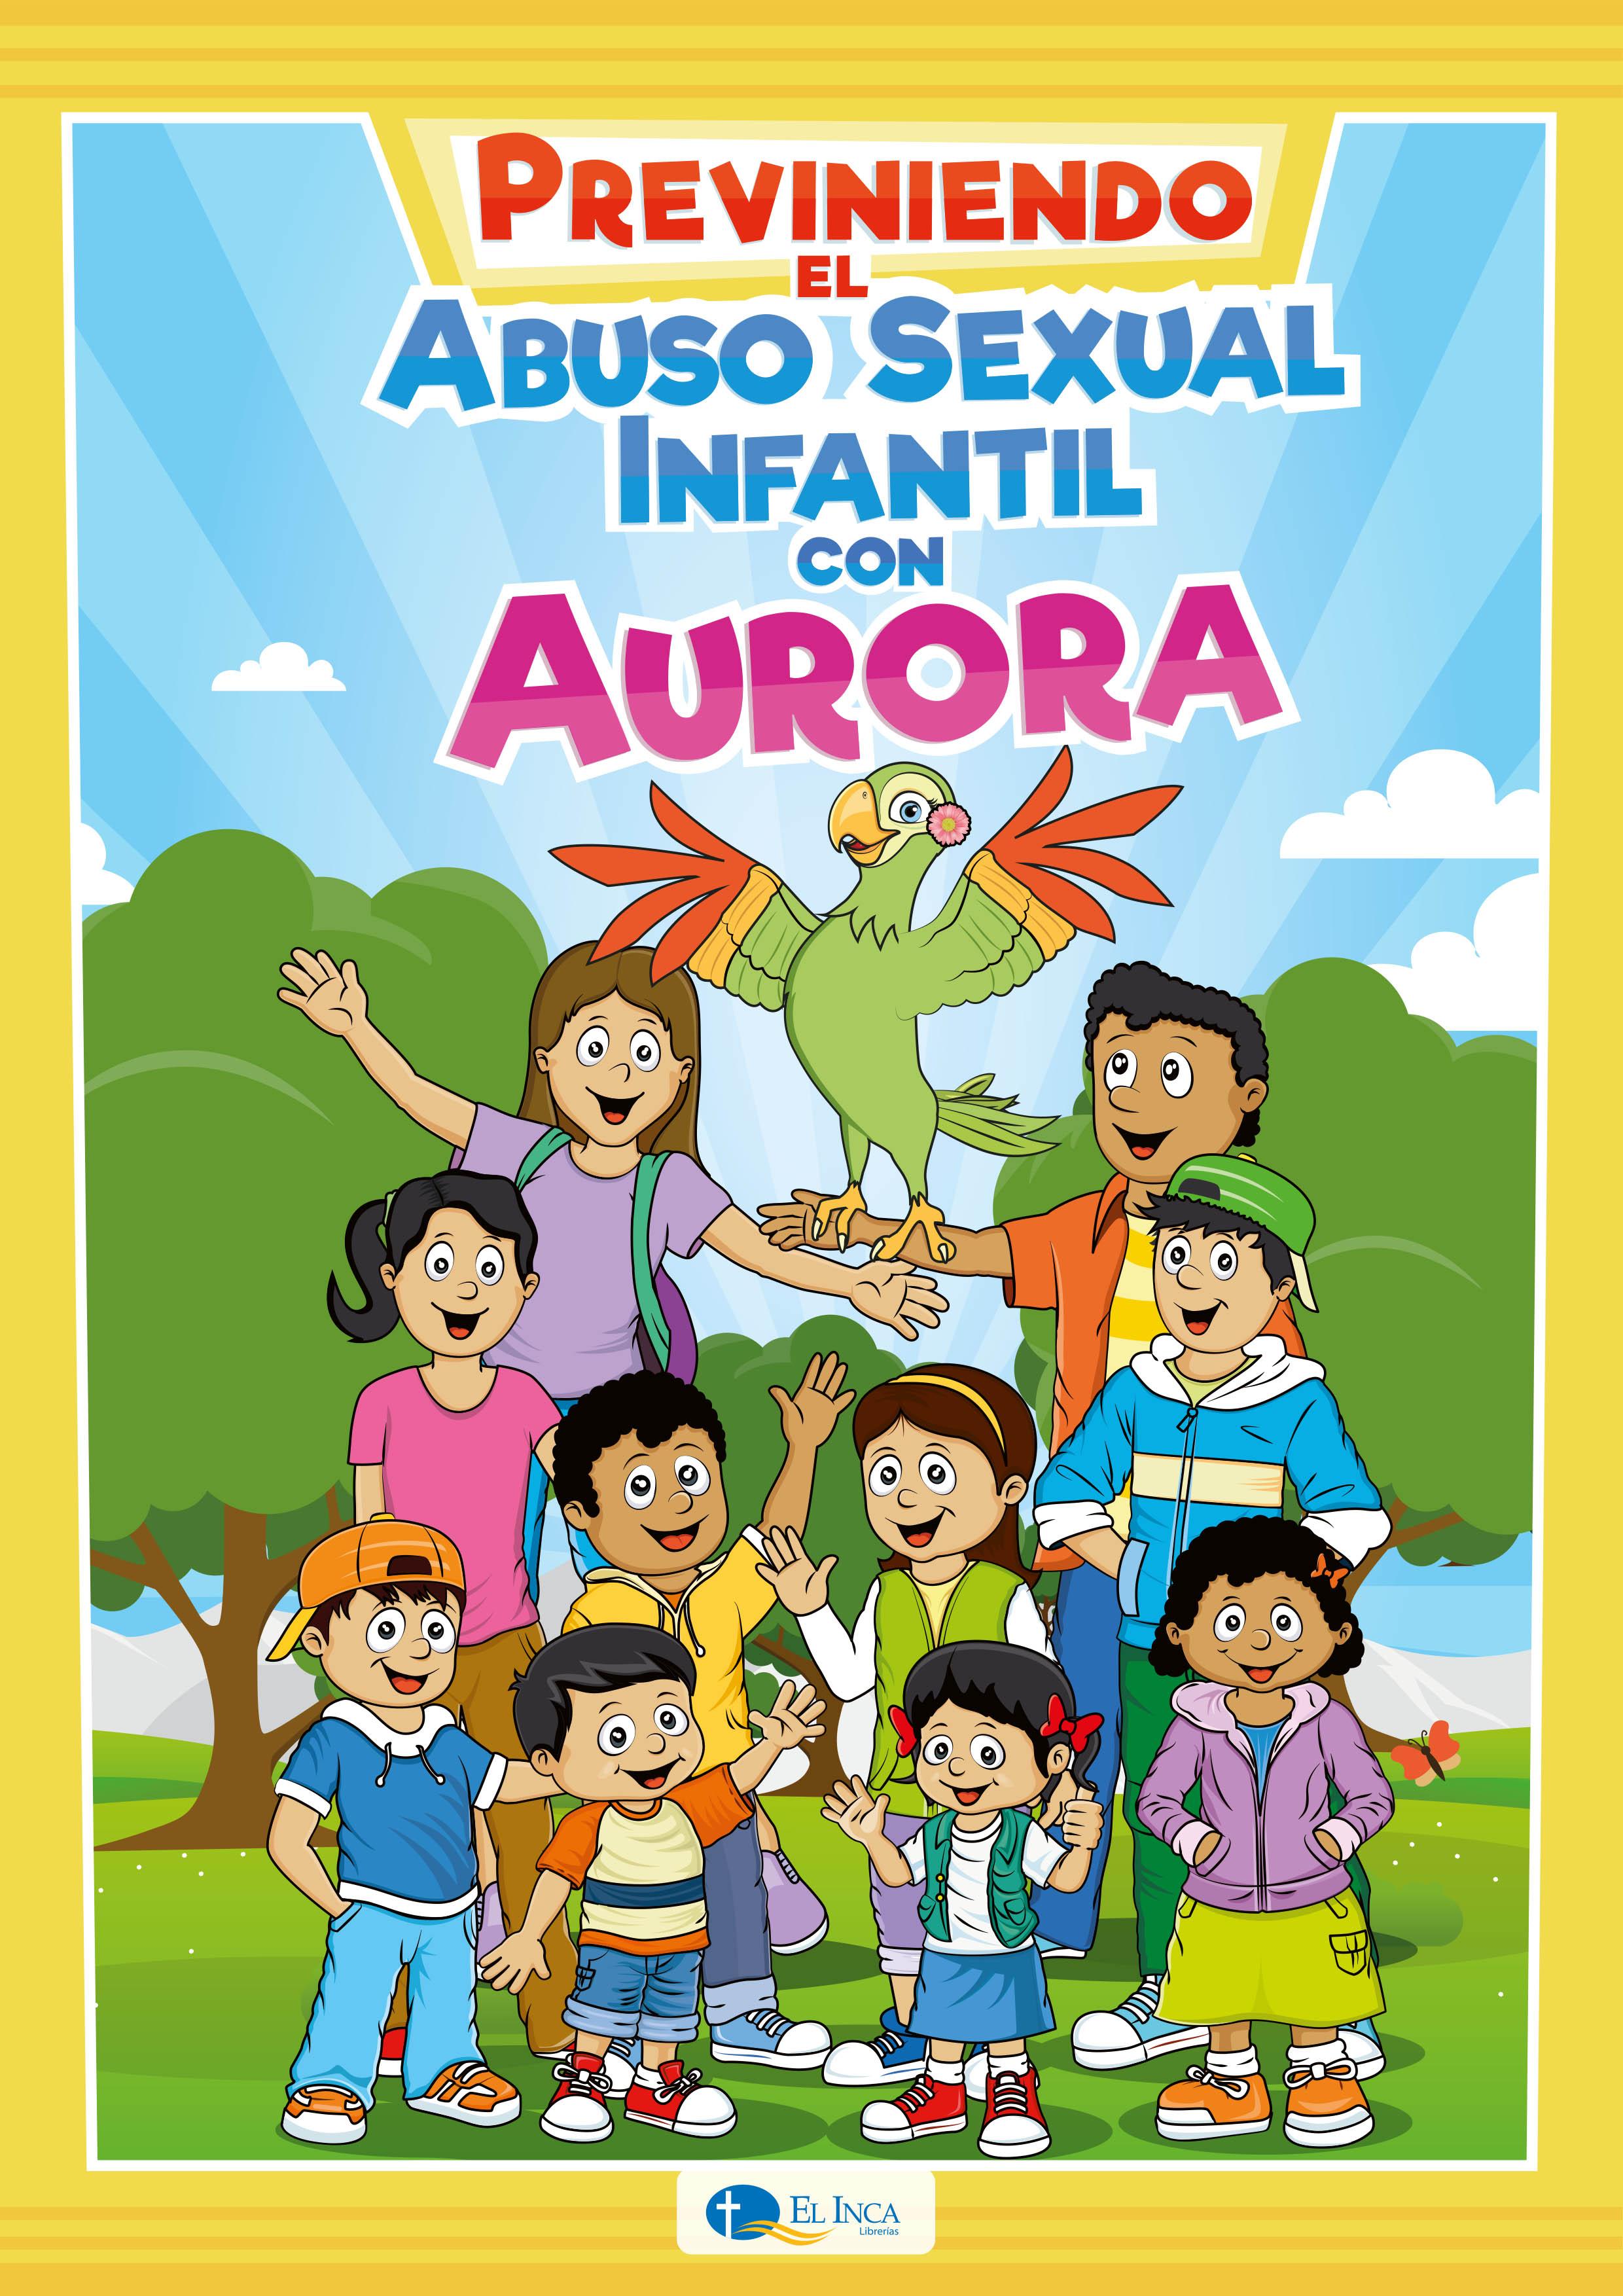 Previniendo el Abuso Sexual con Aurora